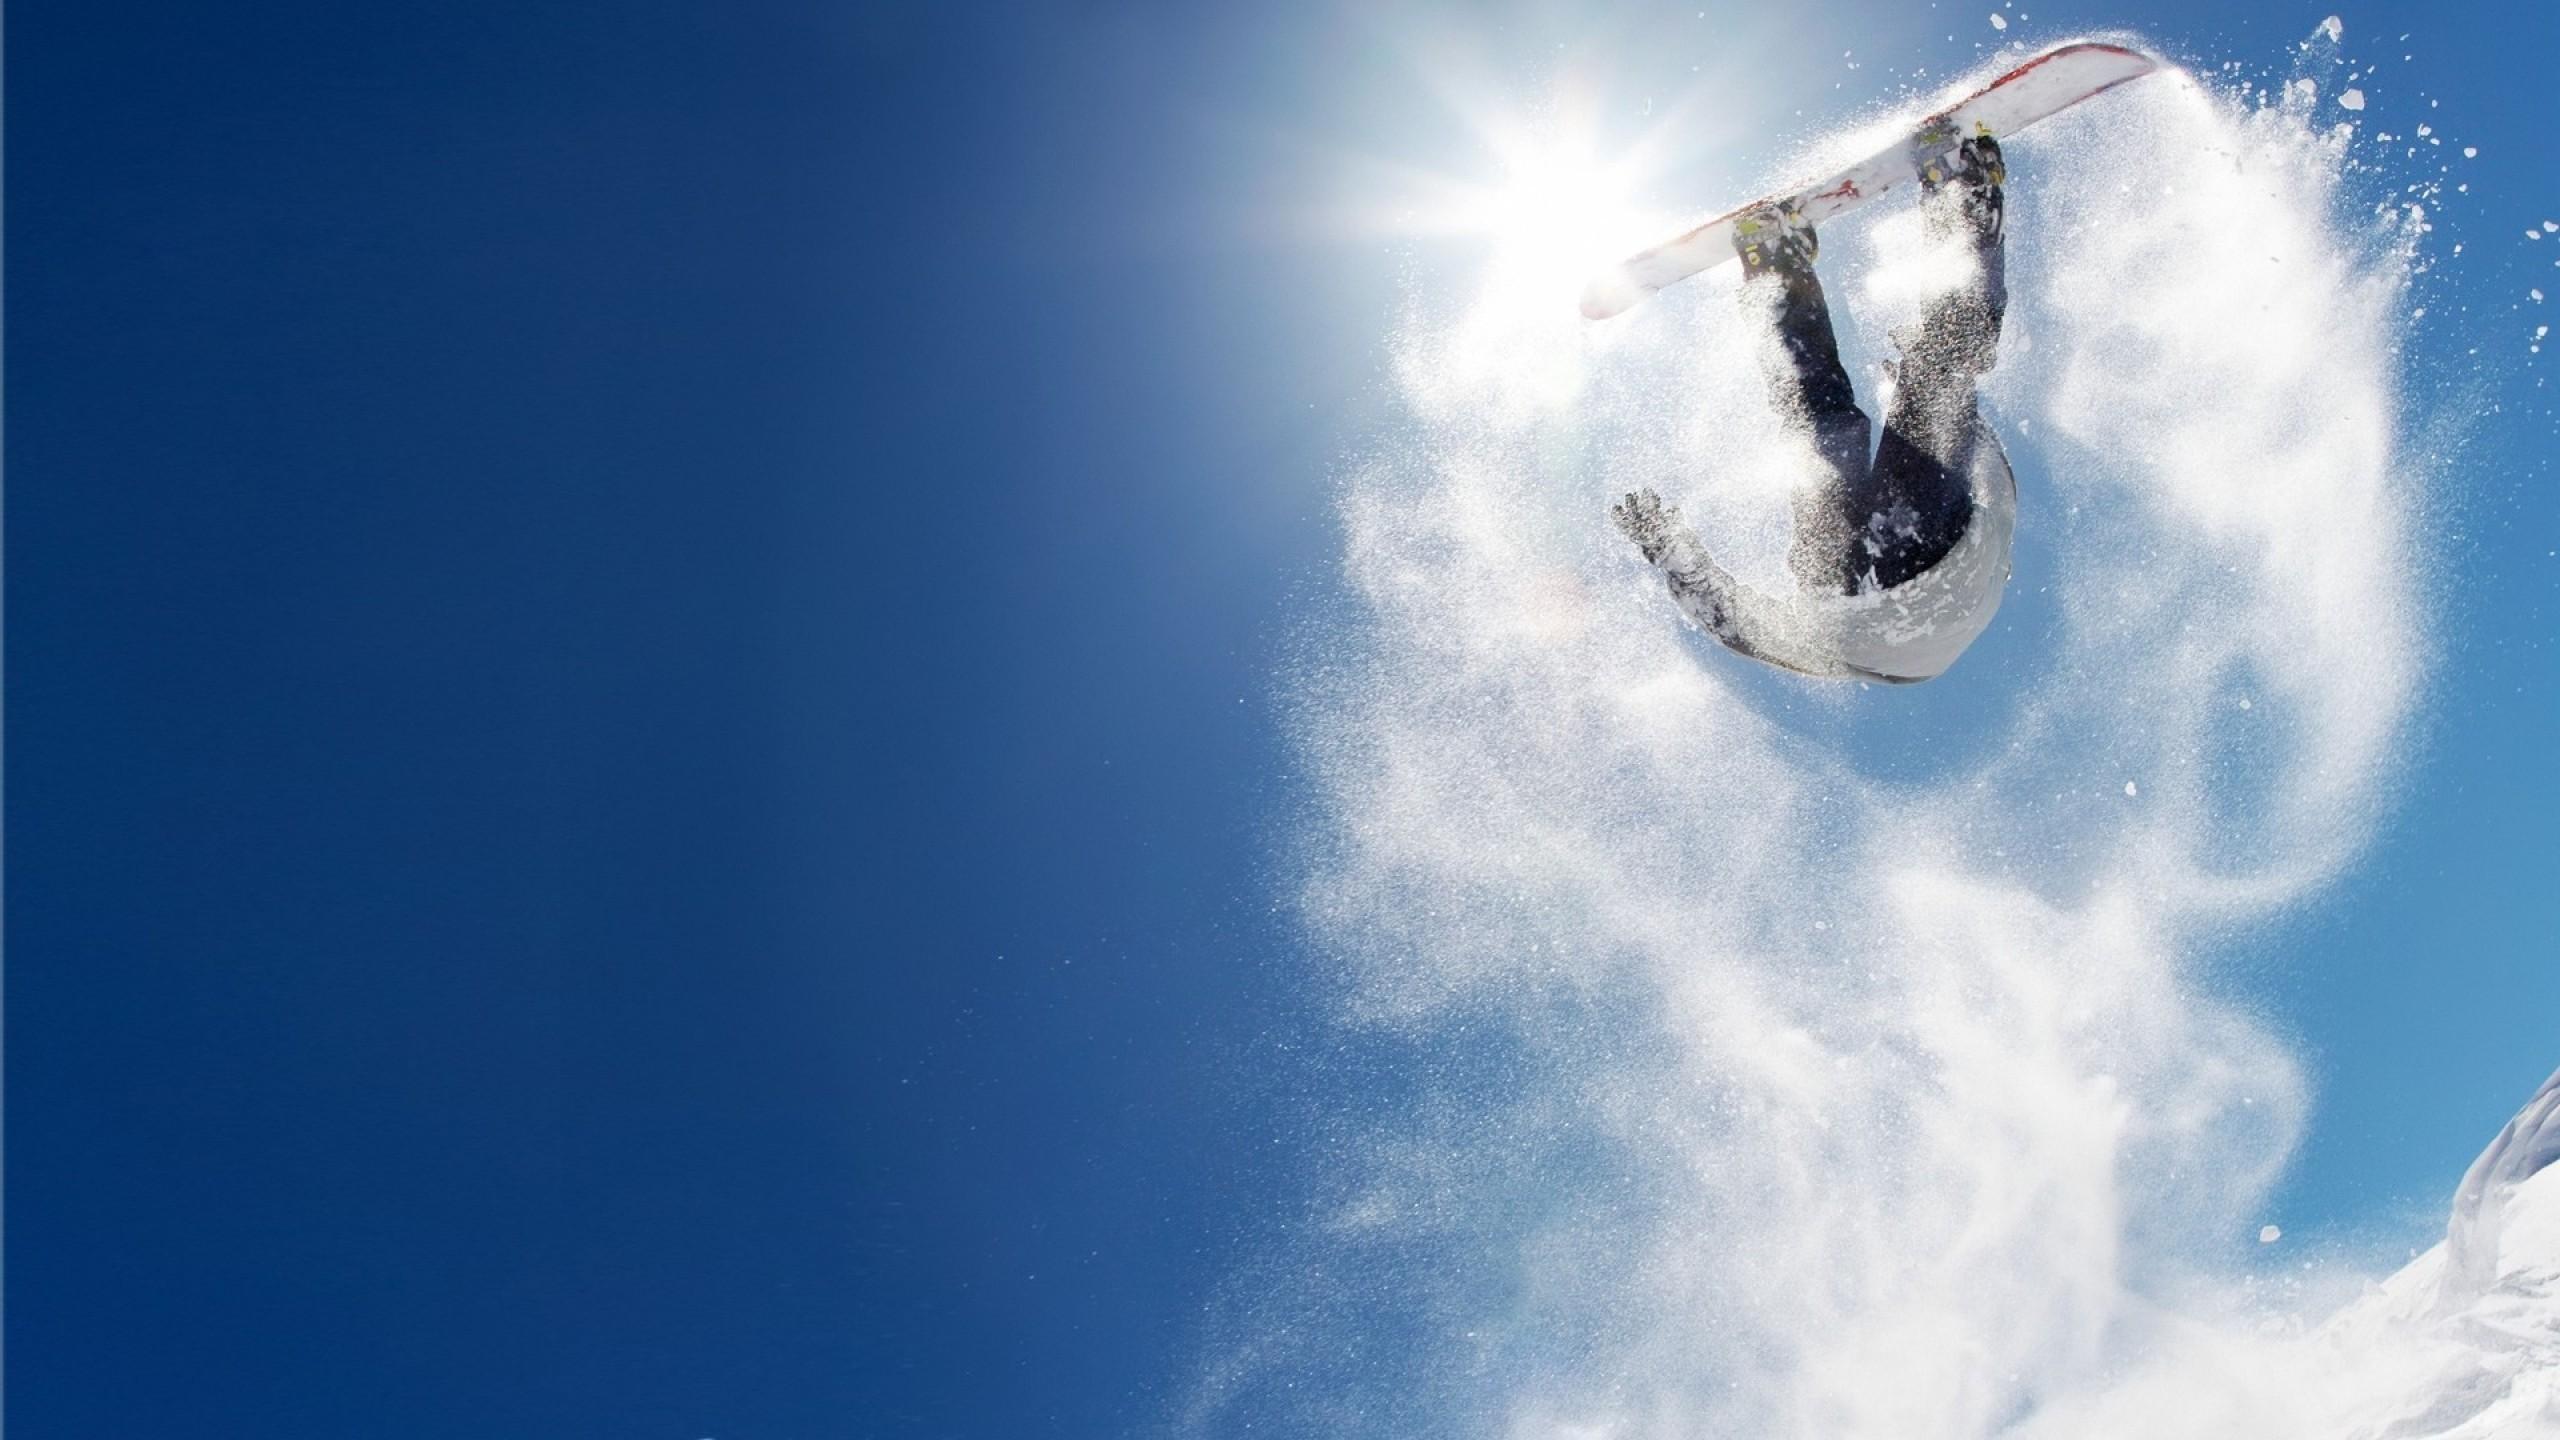 Salto sobre las nieves - 2560x1440